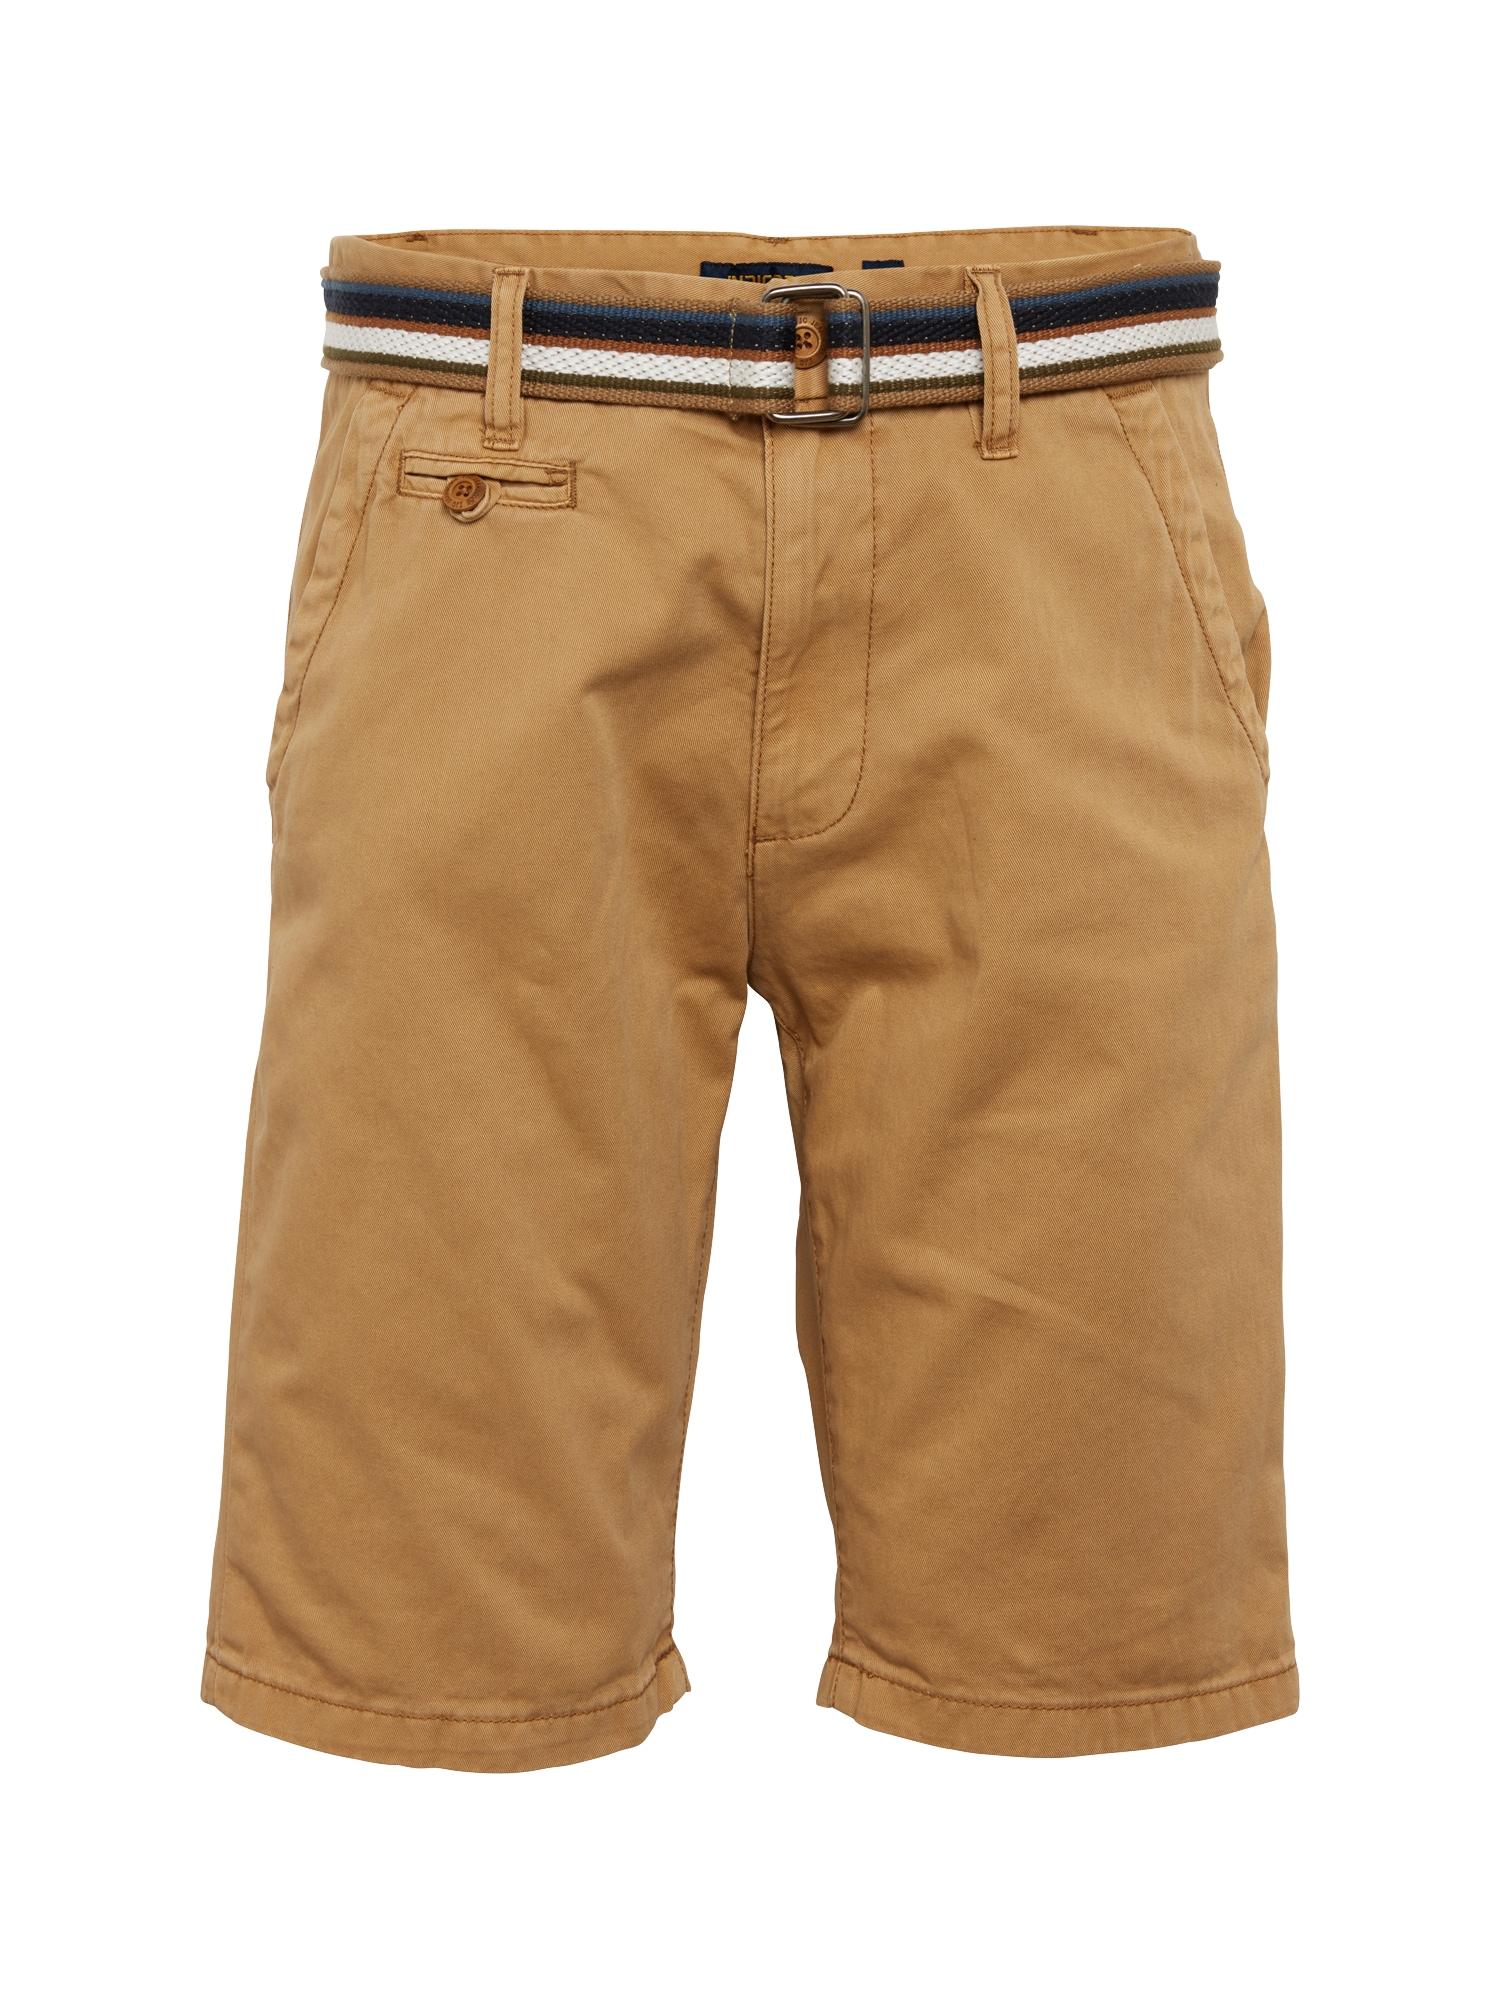 """INDICODE JEANS """"Chino"""" stiliaus kelnės 'Royce' ruda (konjako)"""